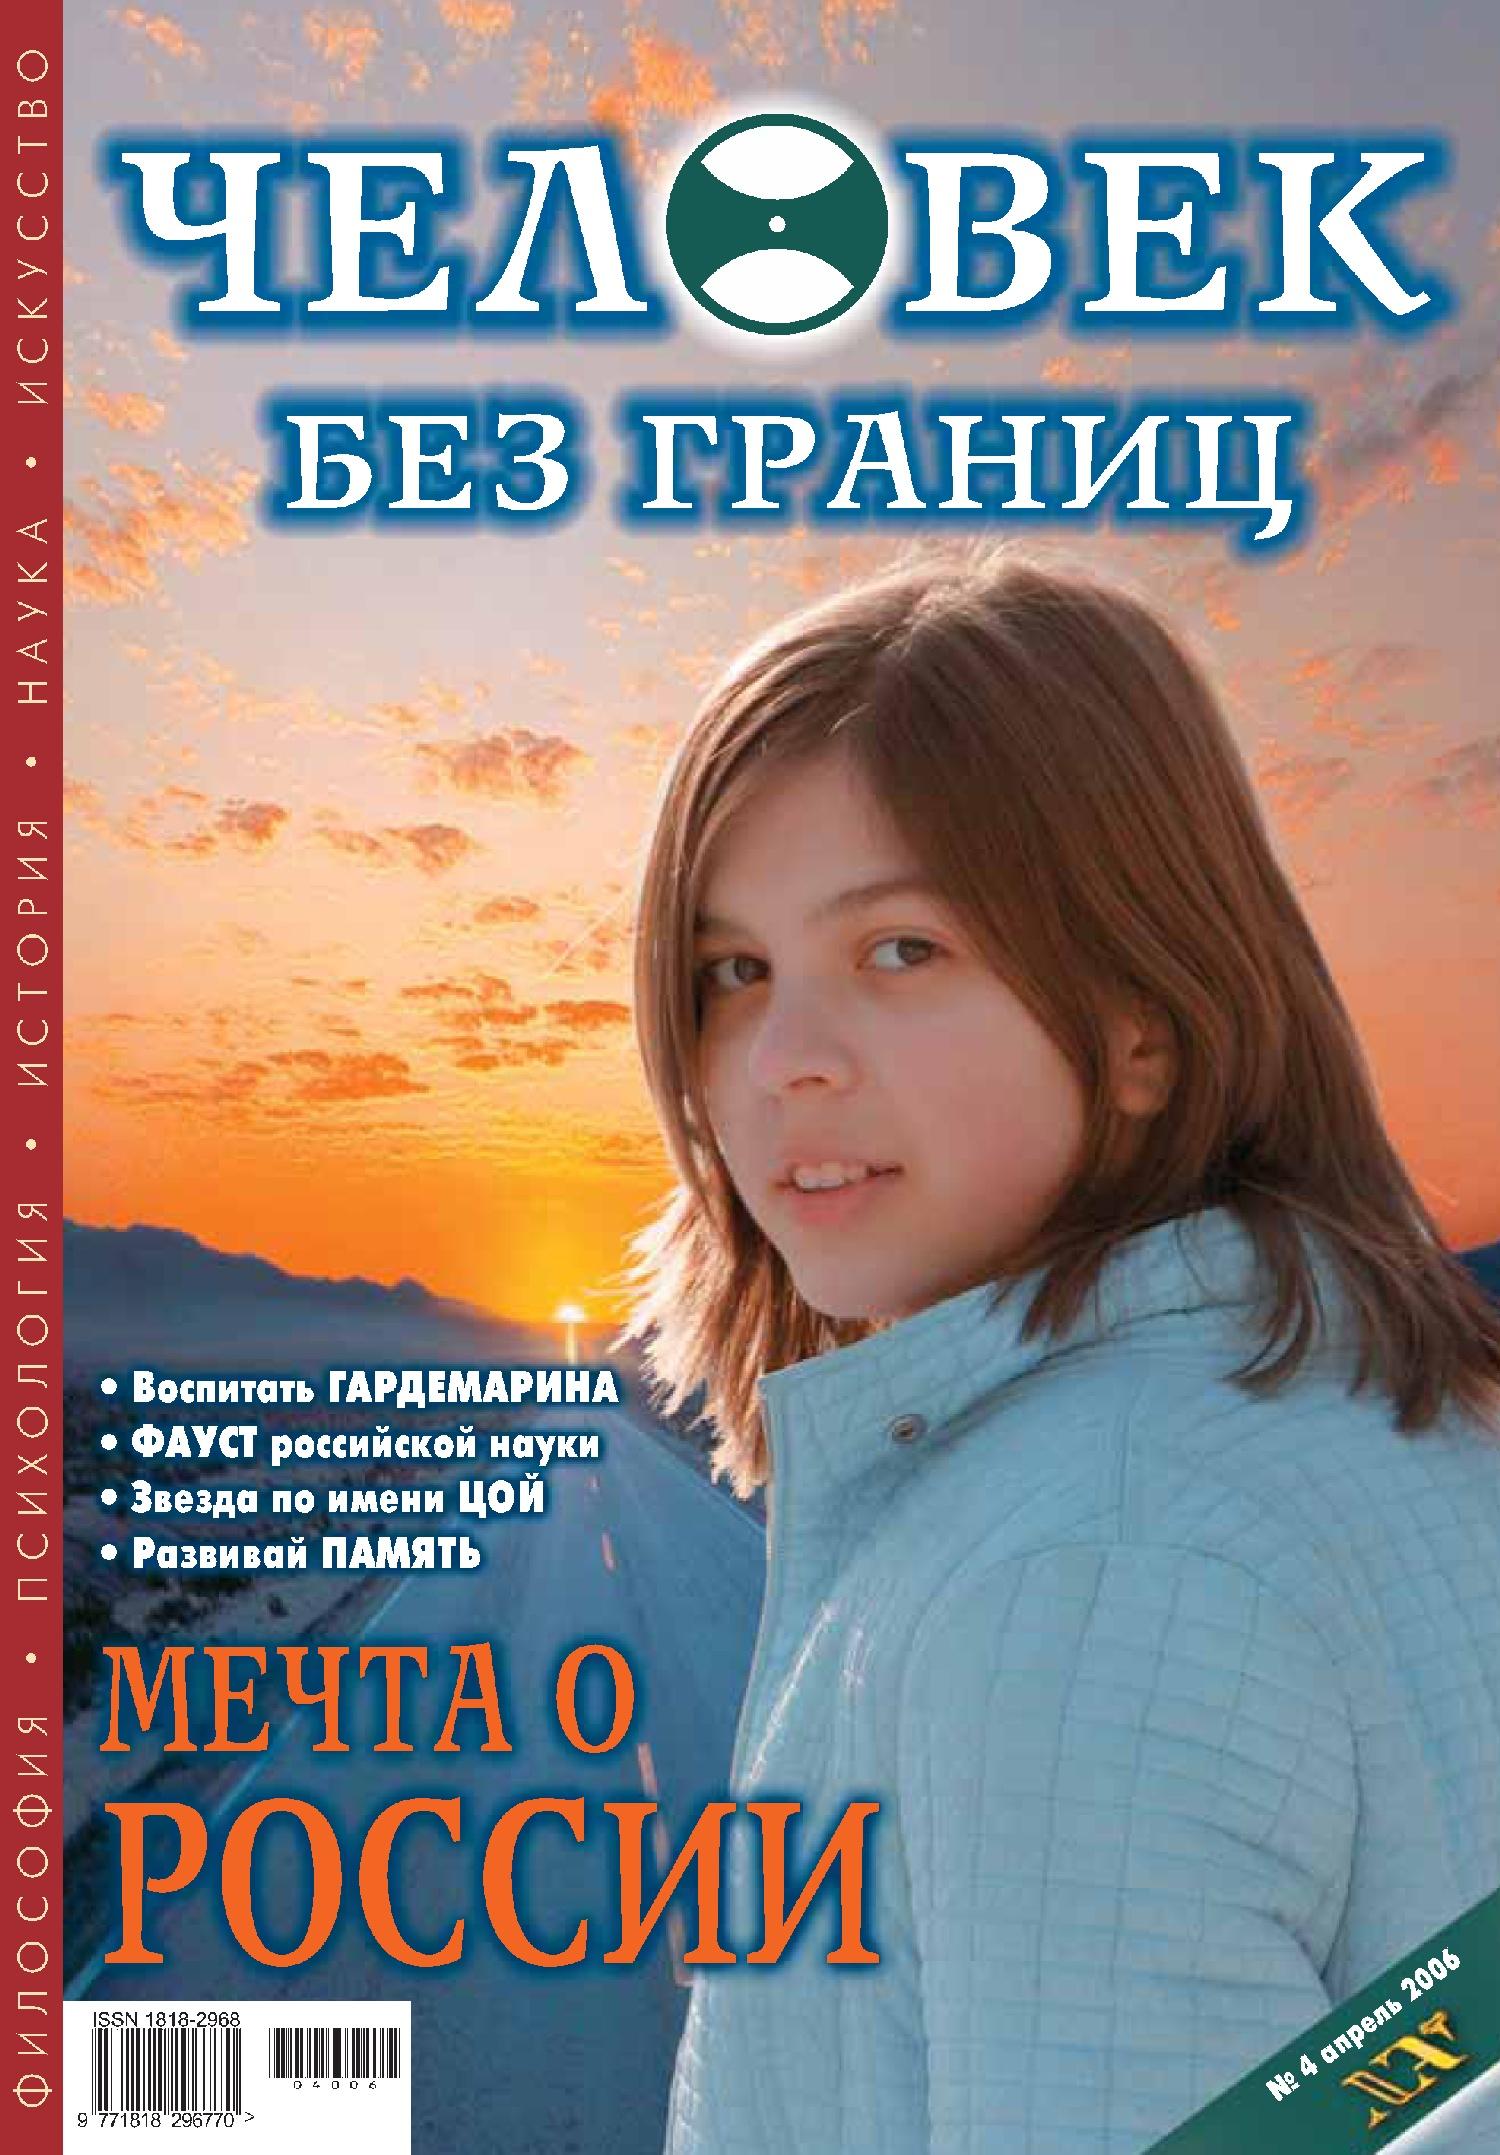 цена на Отсутствует Журнал «Человек без границ» №4 (05) 2006